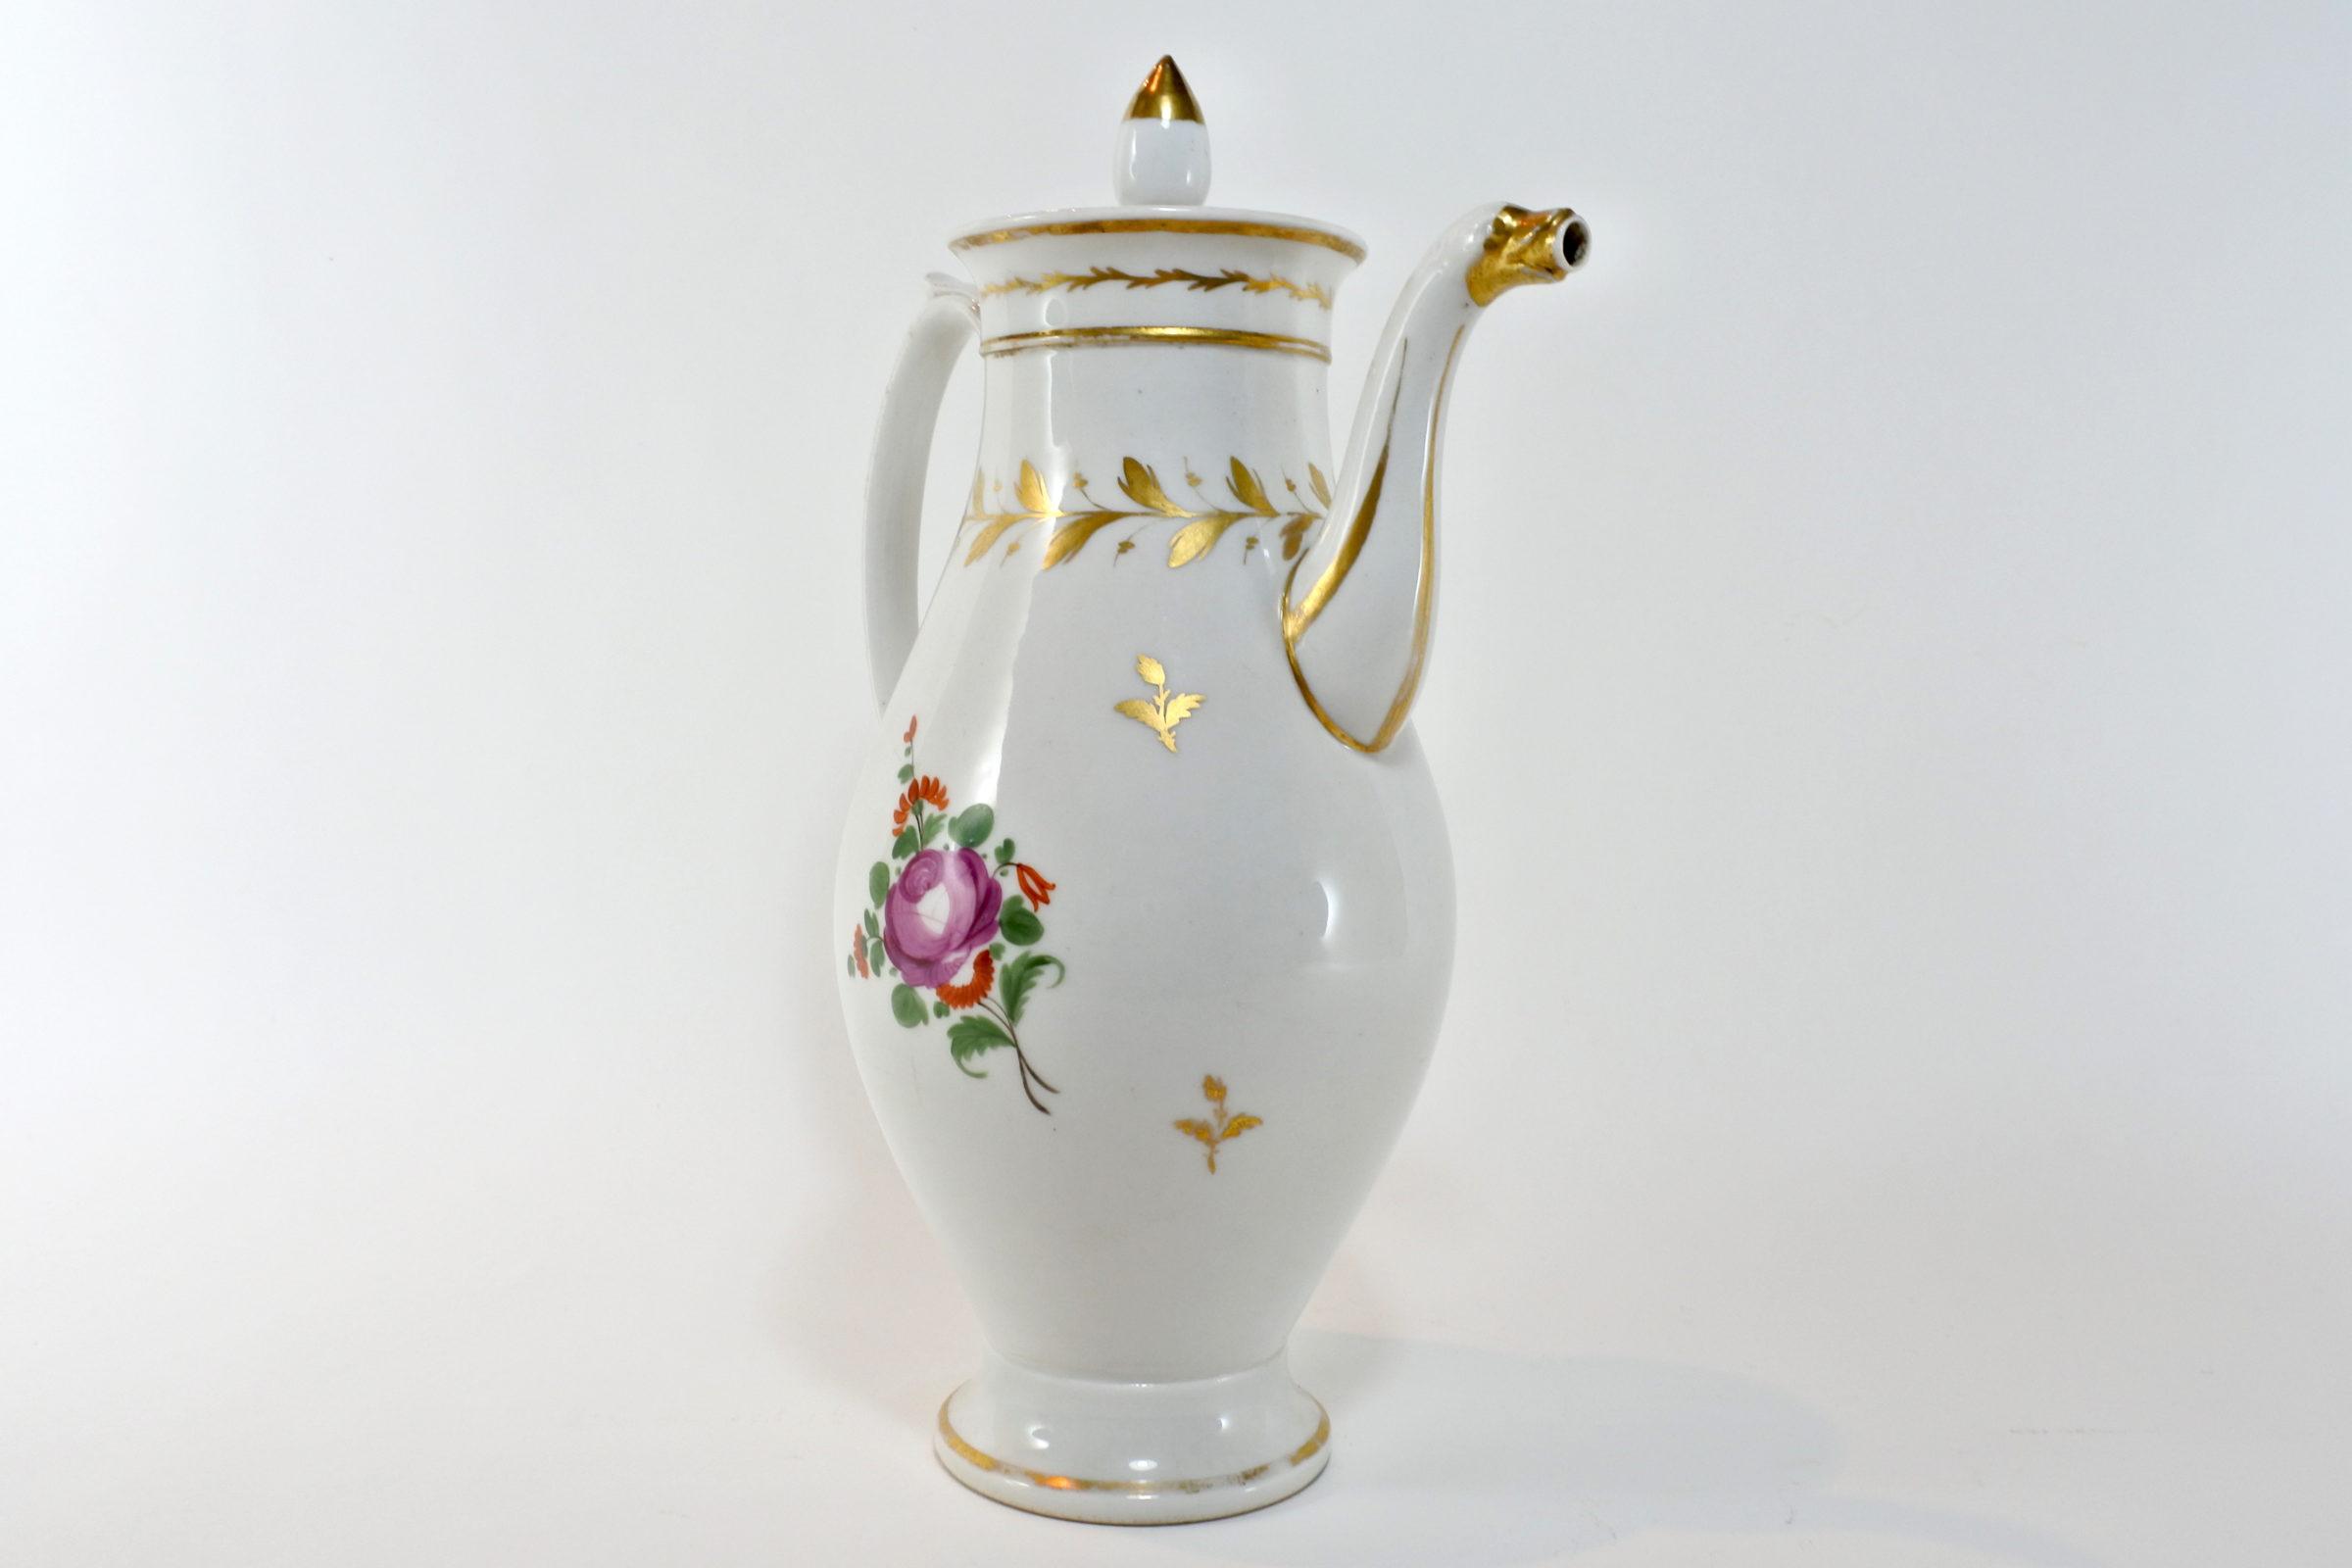 Caffettiera in porcellana Vecchia Parigi - Vieux Paris. Decoro con fiori - 4